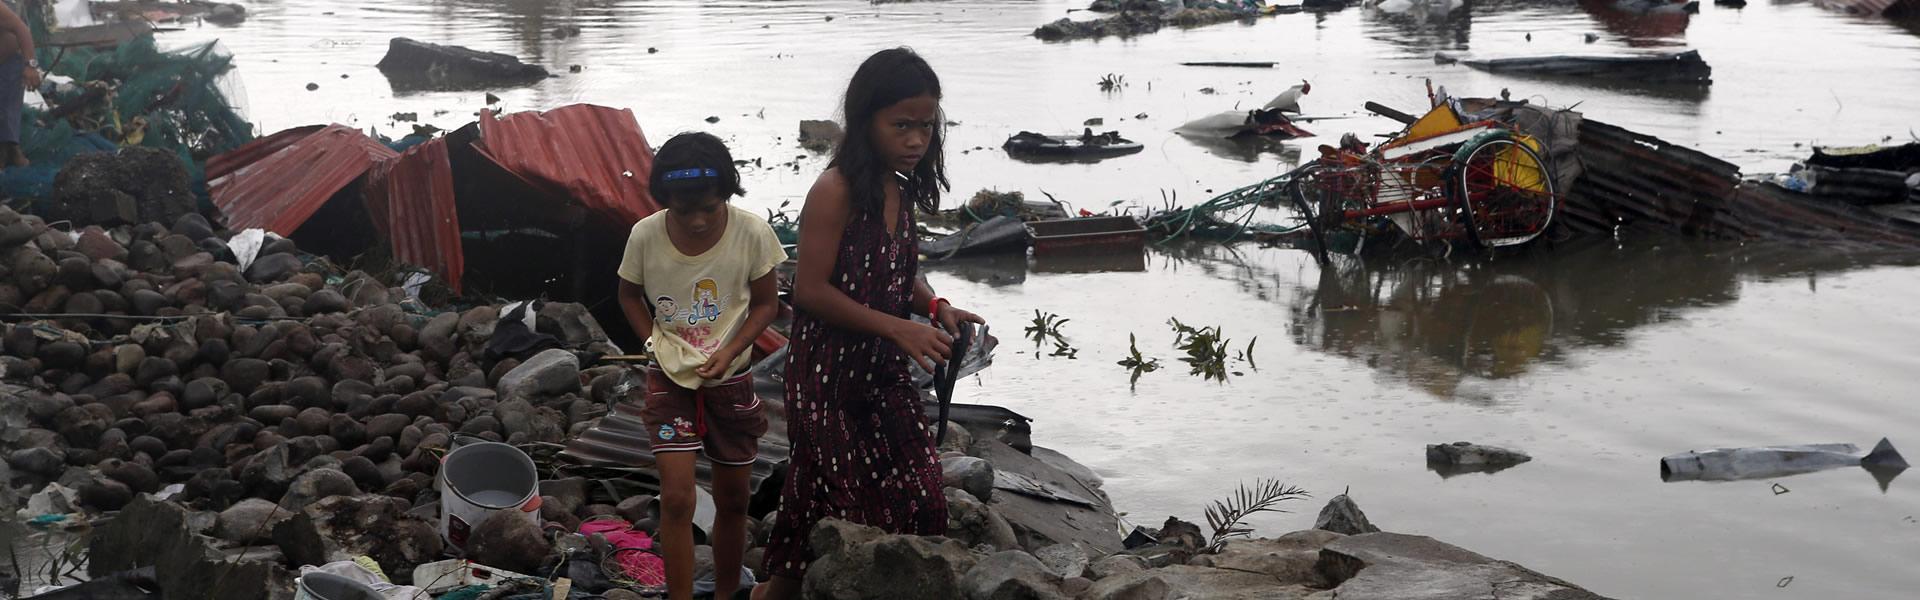 ¿Cómo podemos prevenir los desastres naturales en el futuro?